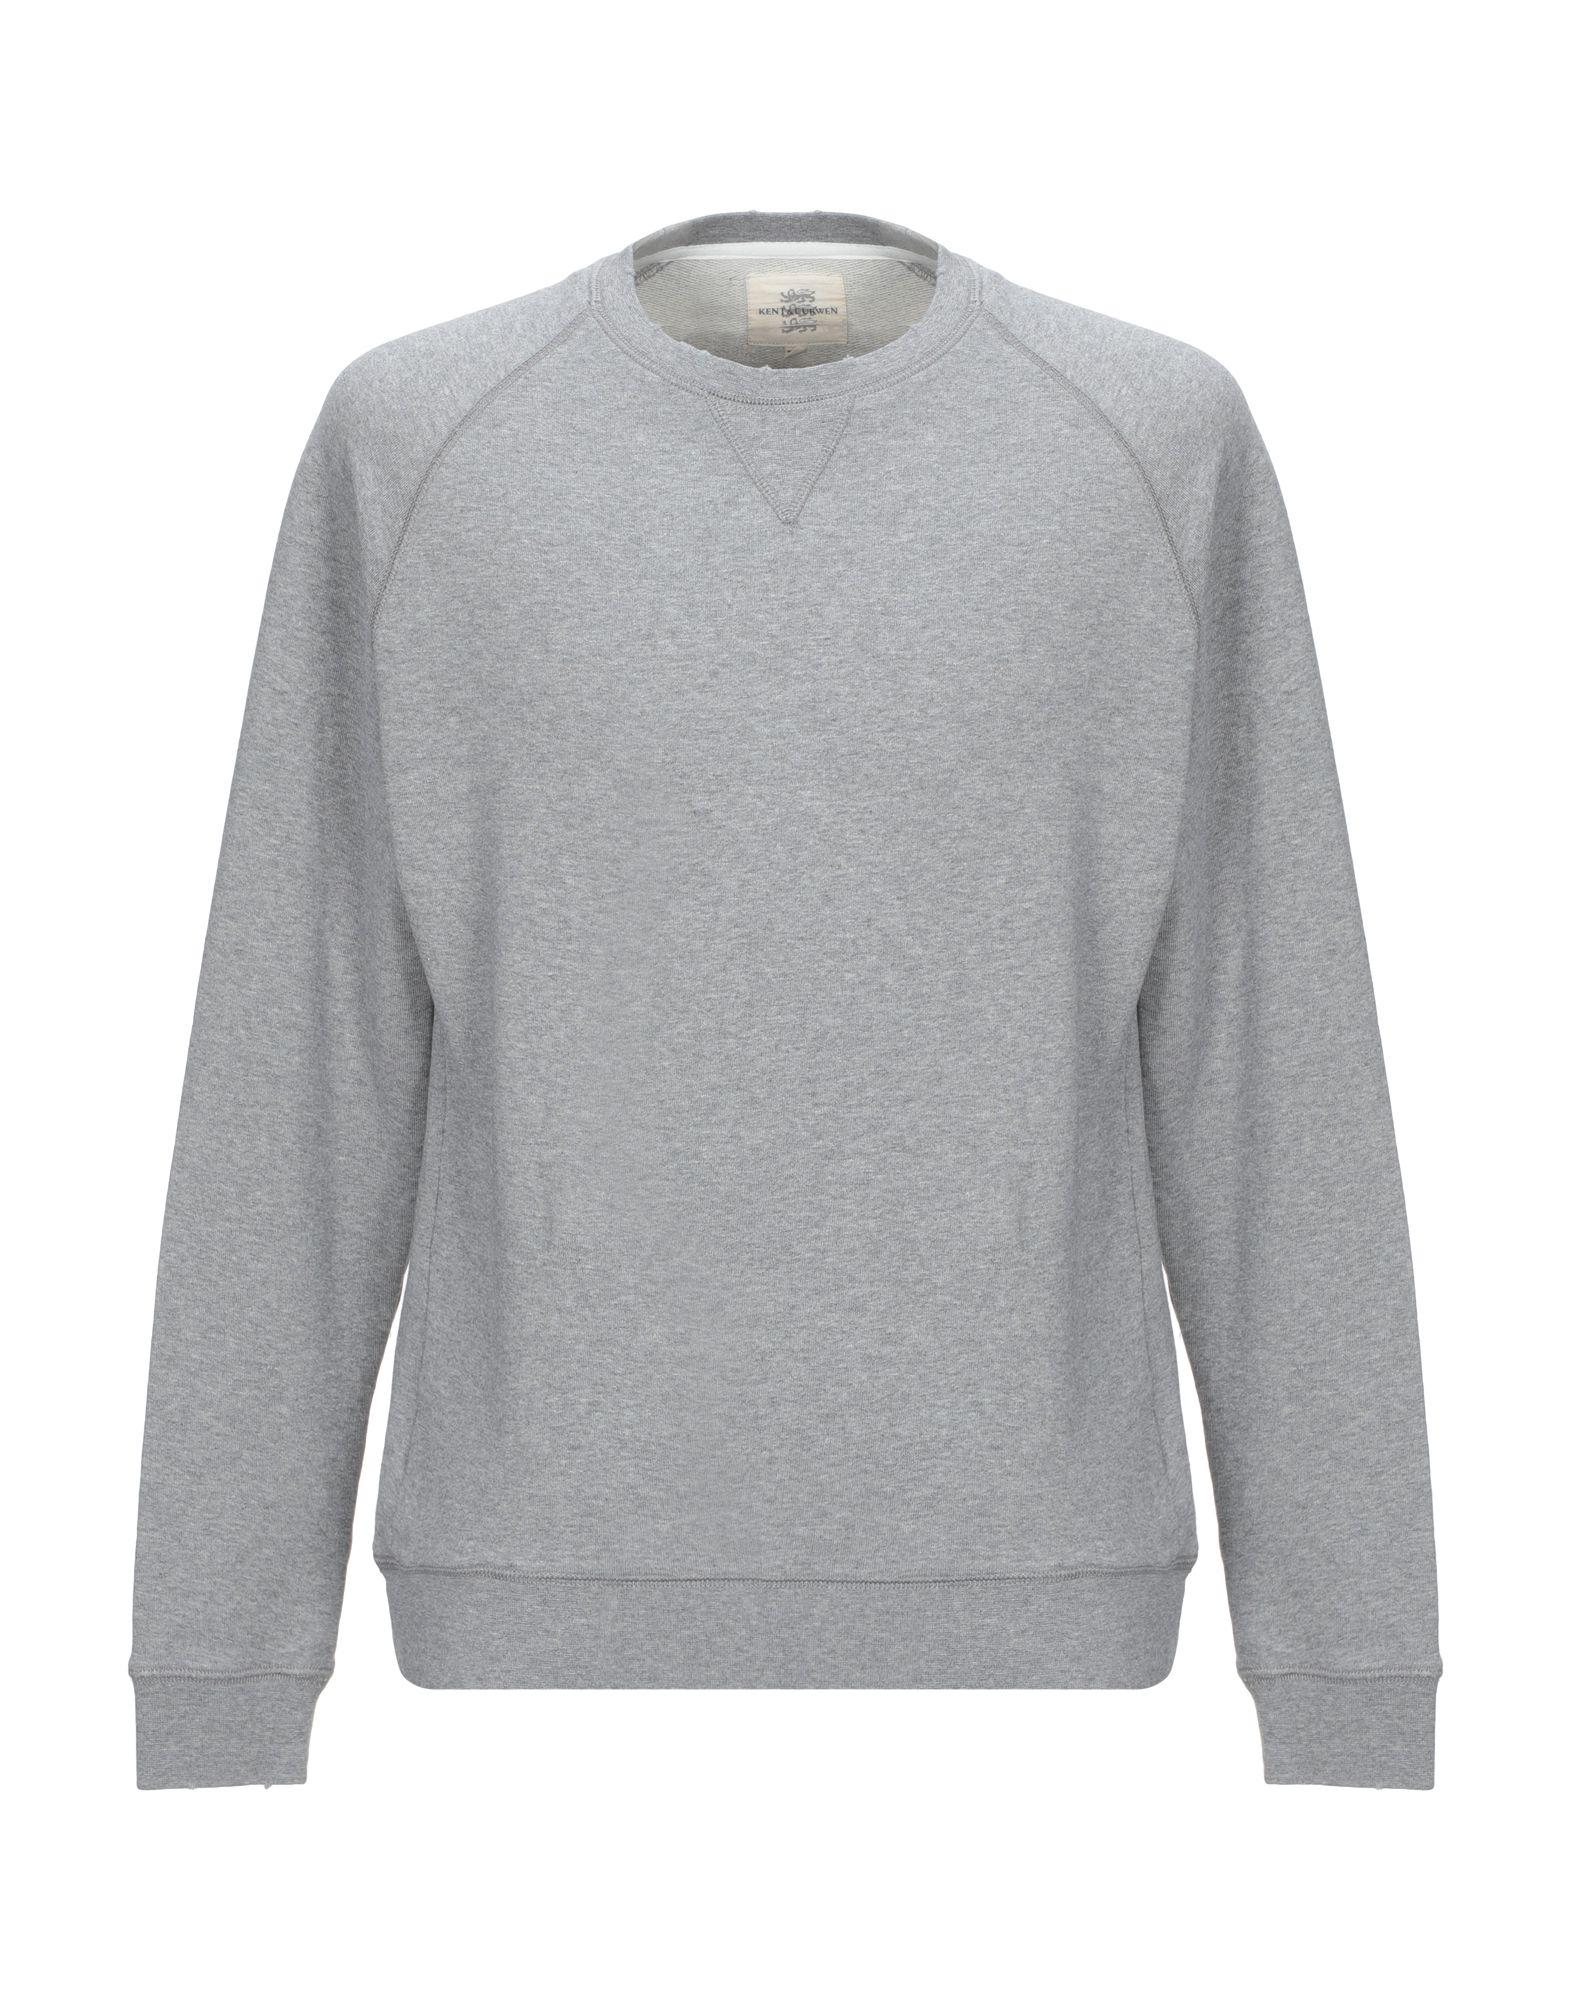 《期間限定セール中》KENT & CURWEN メンズ スウェットシャツ グレー M コットン 100%